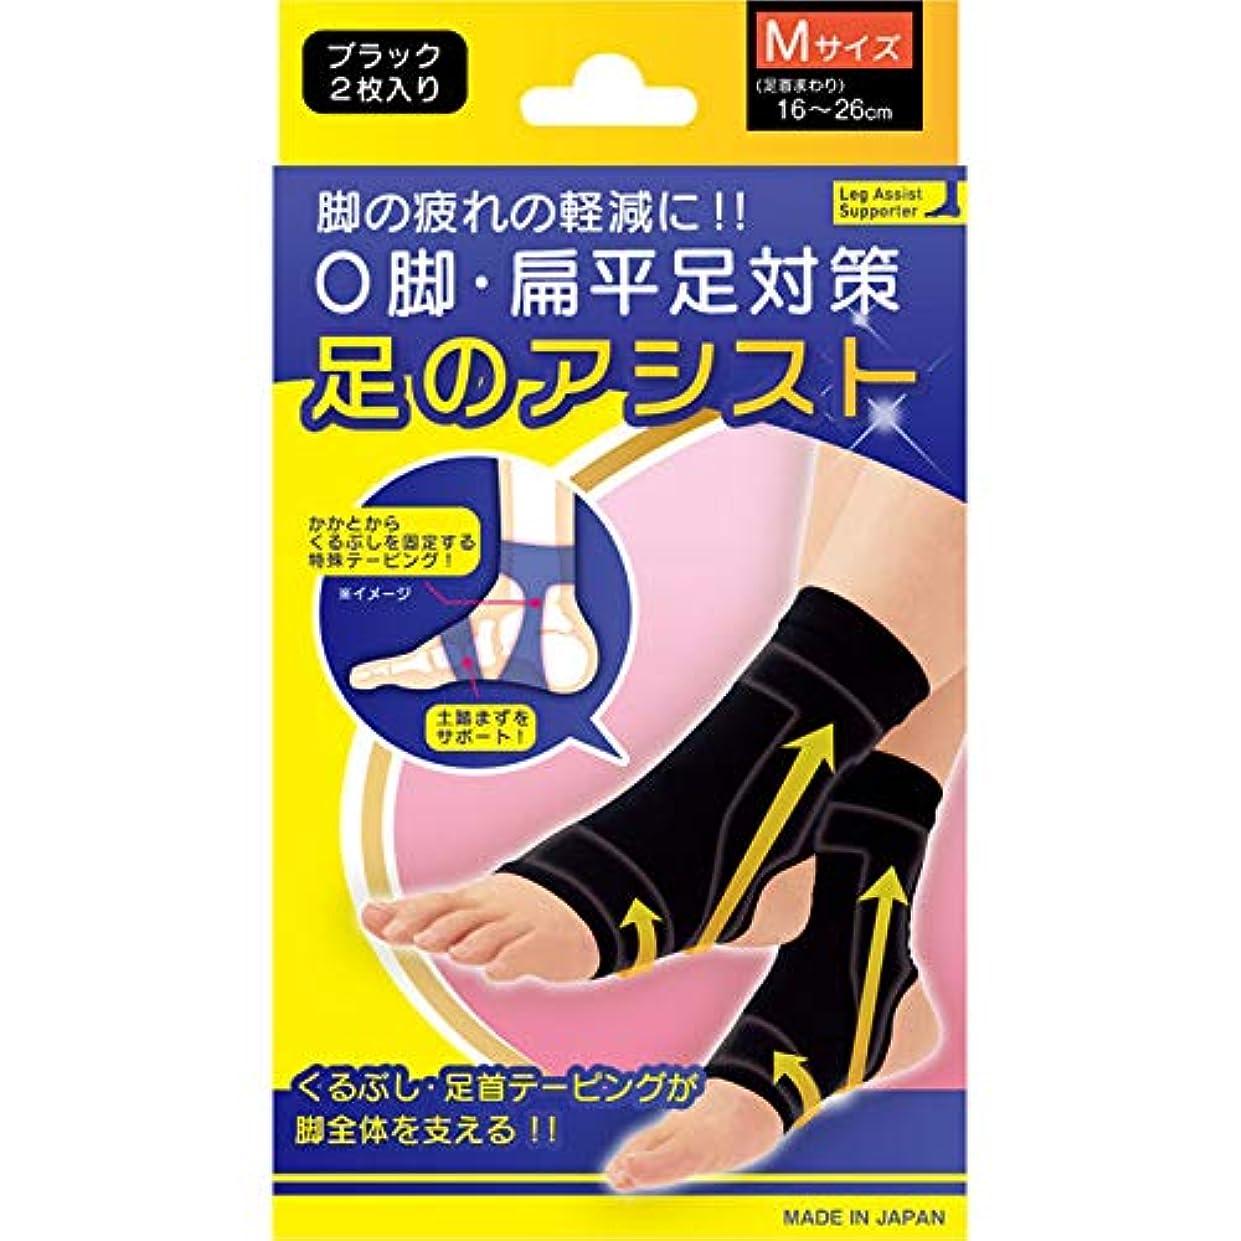 紳士メダリストプレフィックス美脚足のアシスト ブラック 2枚入り Mサイズ(足首まわり16~26cm)